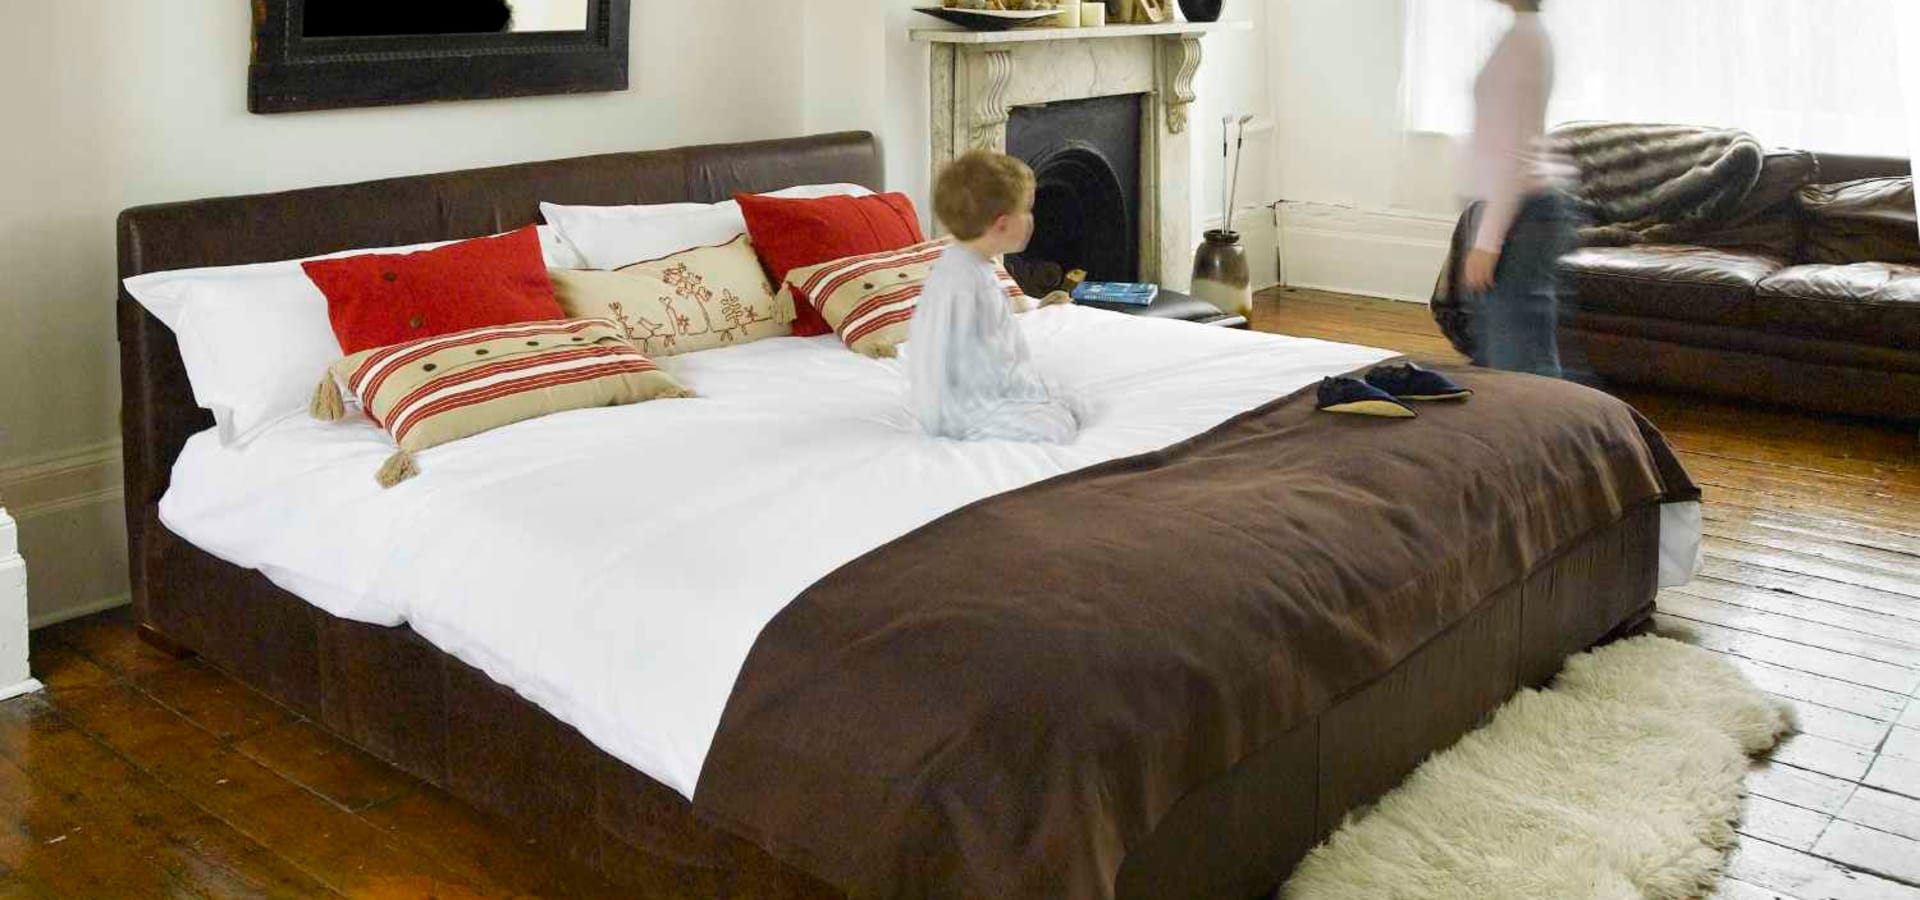 big bed beds design milk the poliform by